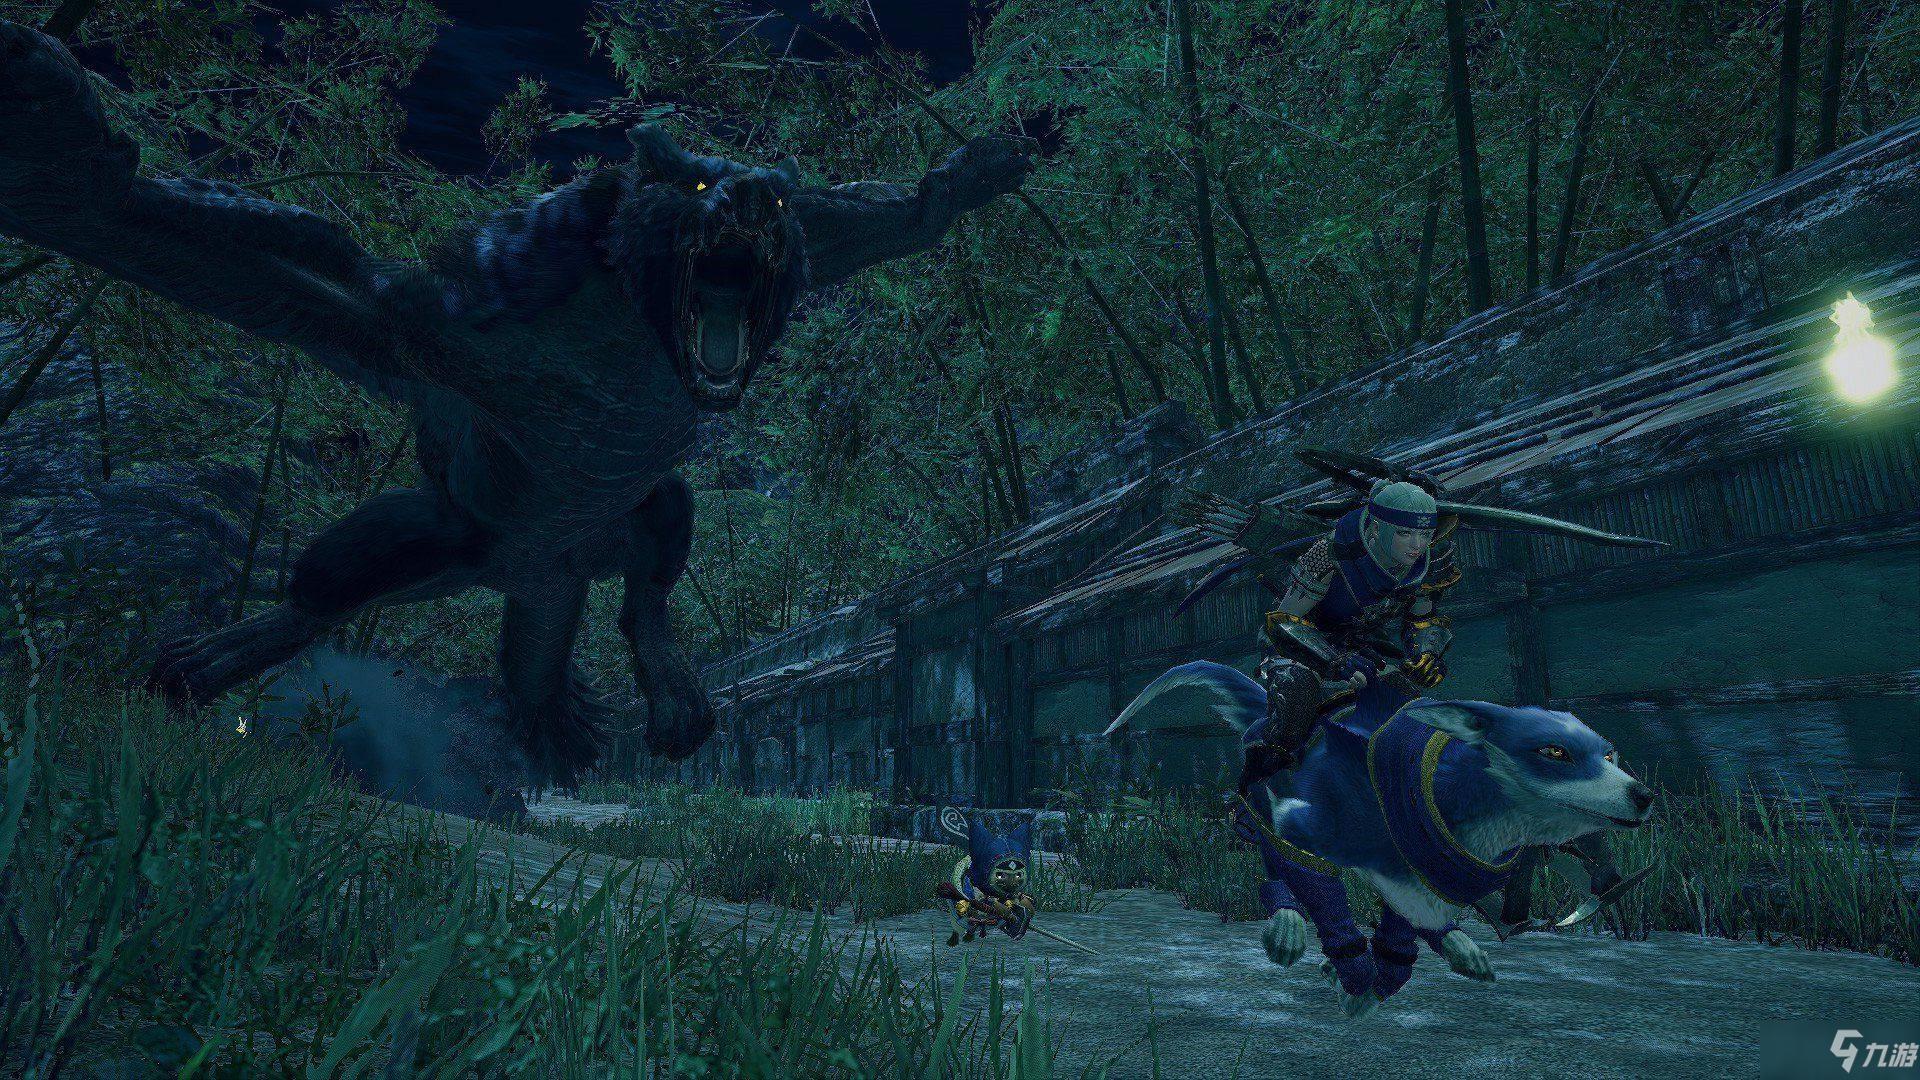 《怪物猎人崛起》6月4日活动任务和奖励有哪些